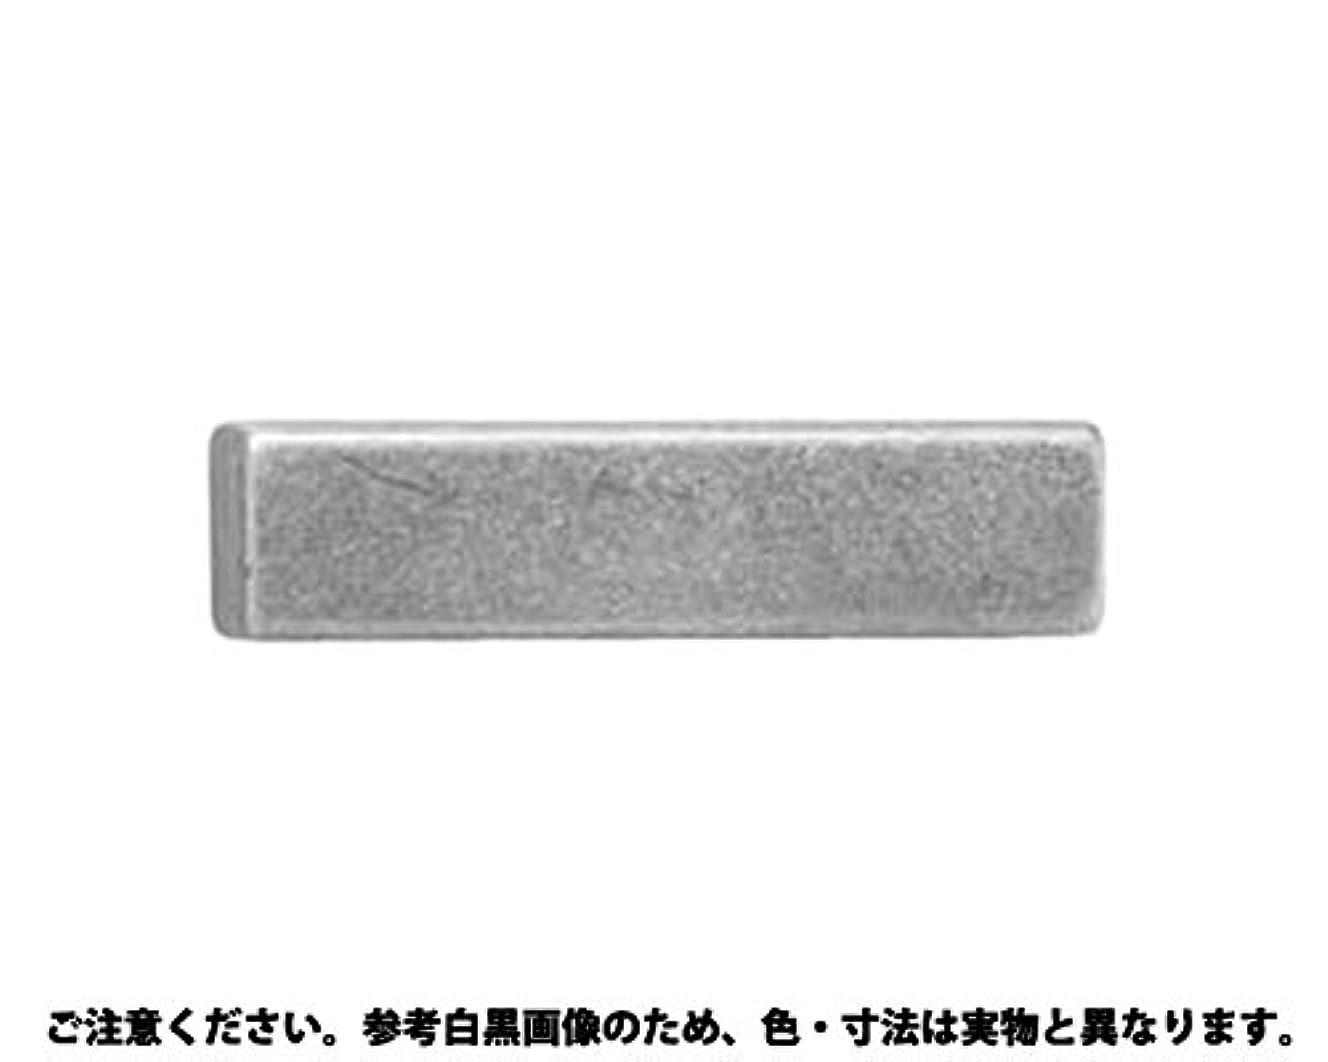 バンケットディスカウント口頭新JIS 両角キー(姫野製) 材質(S45C) 規格(4X4X150) 入数(100)